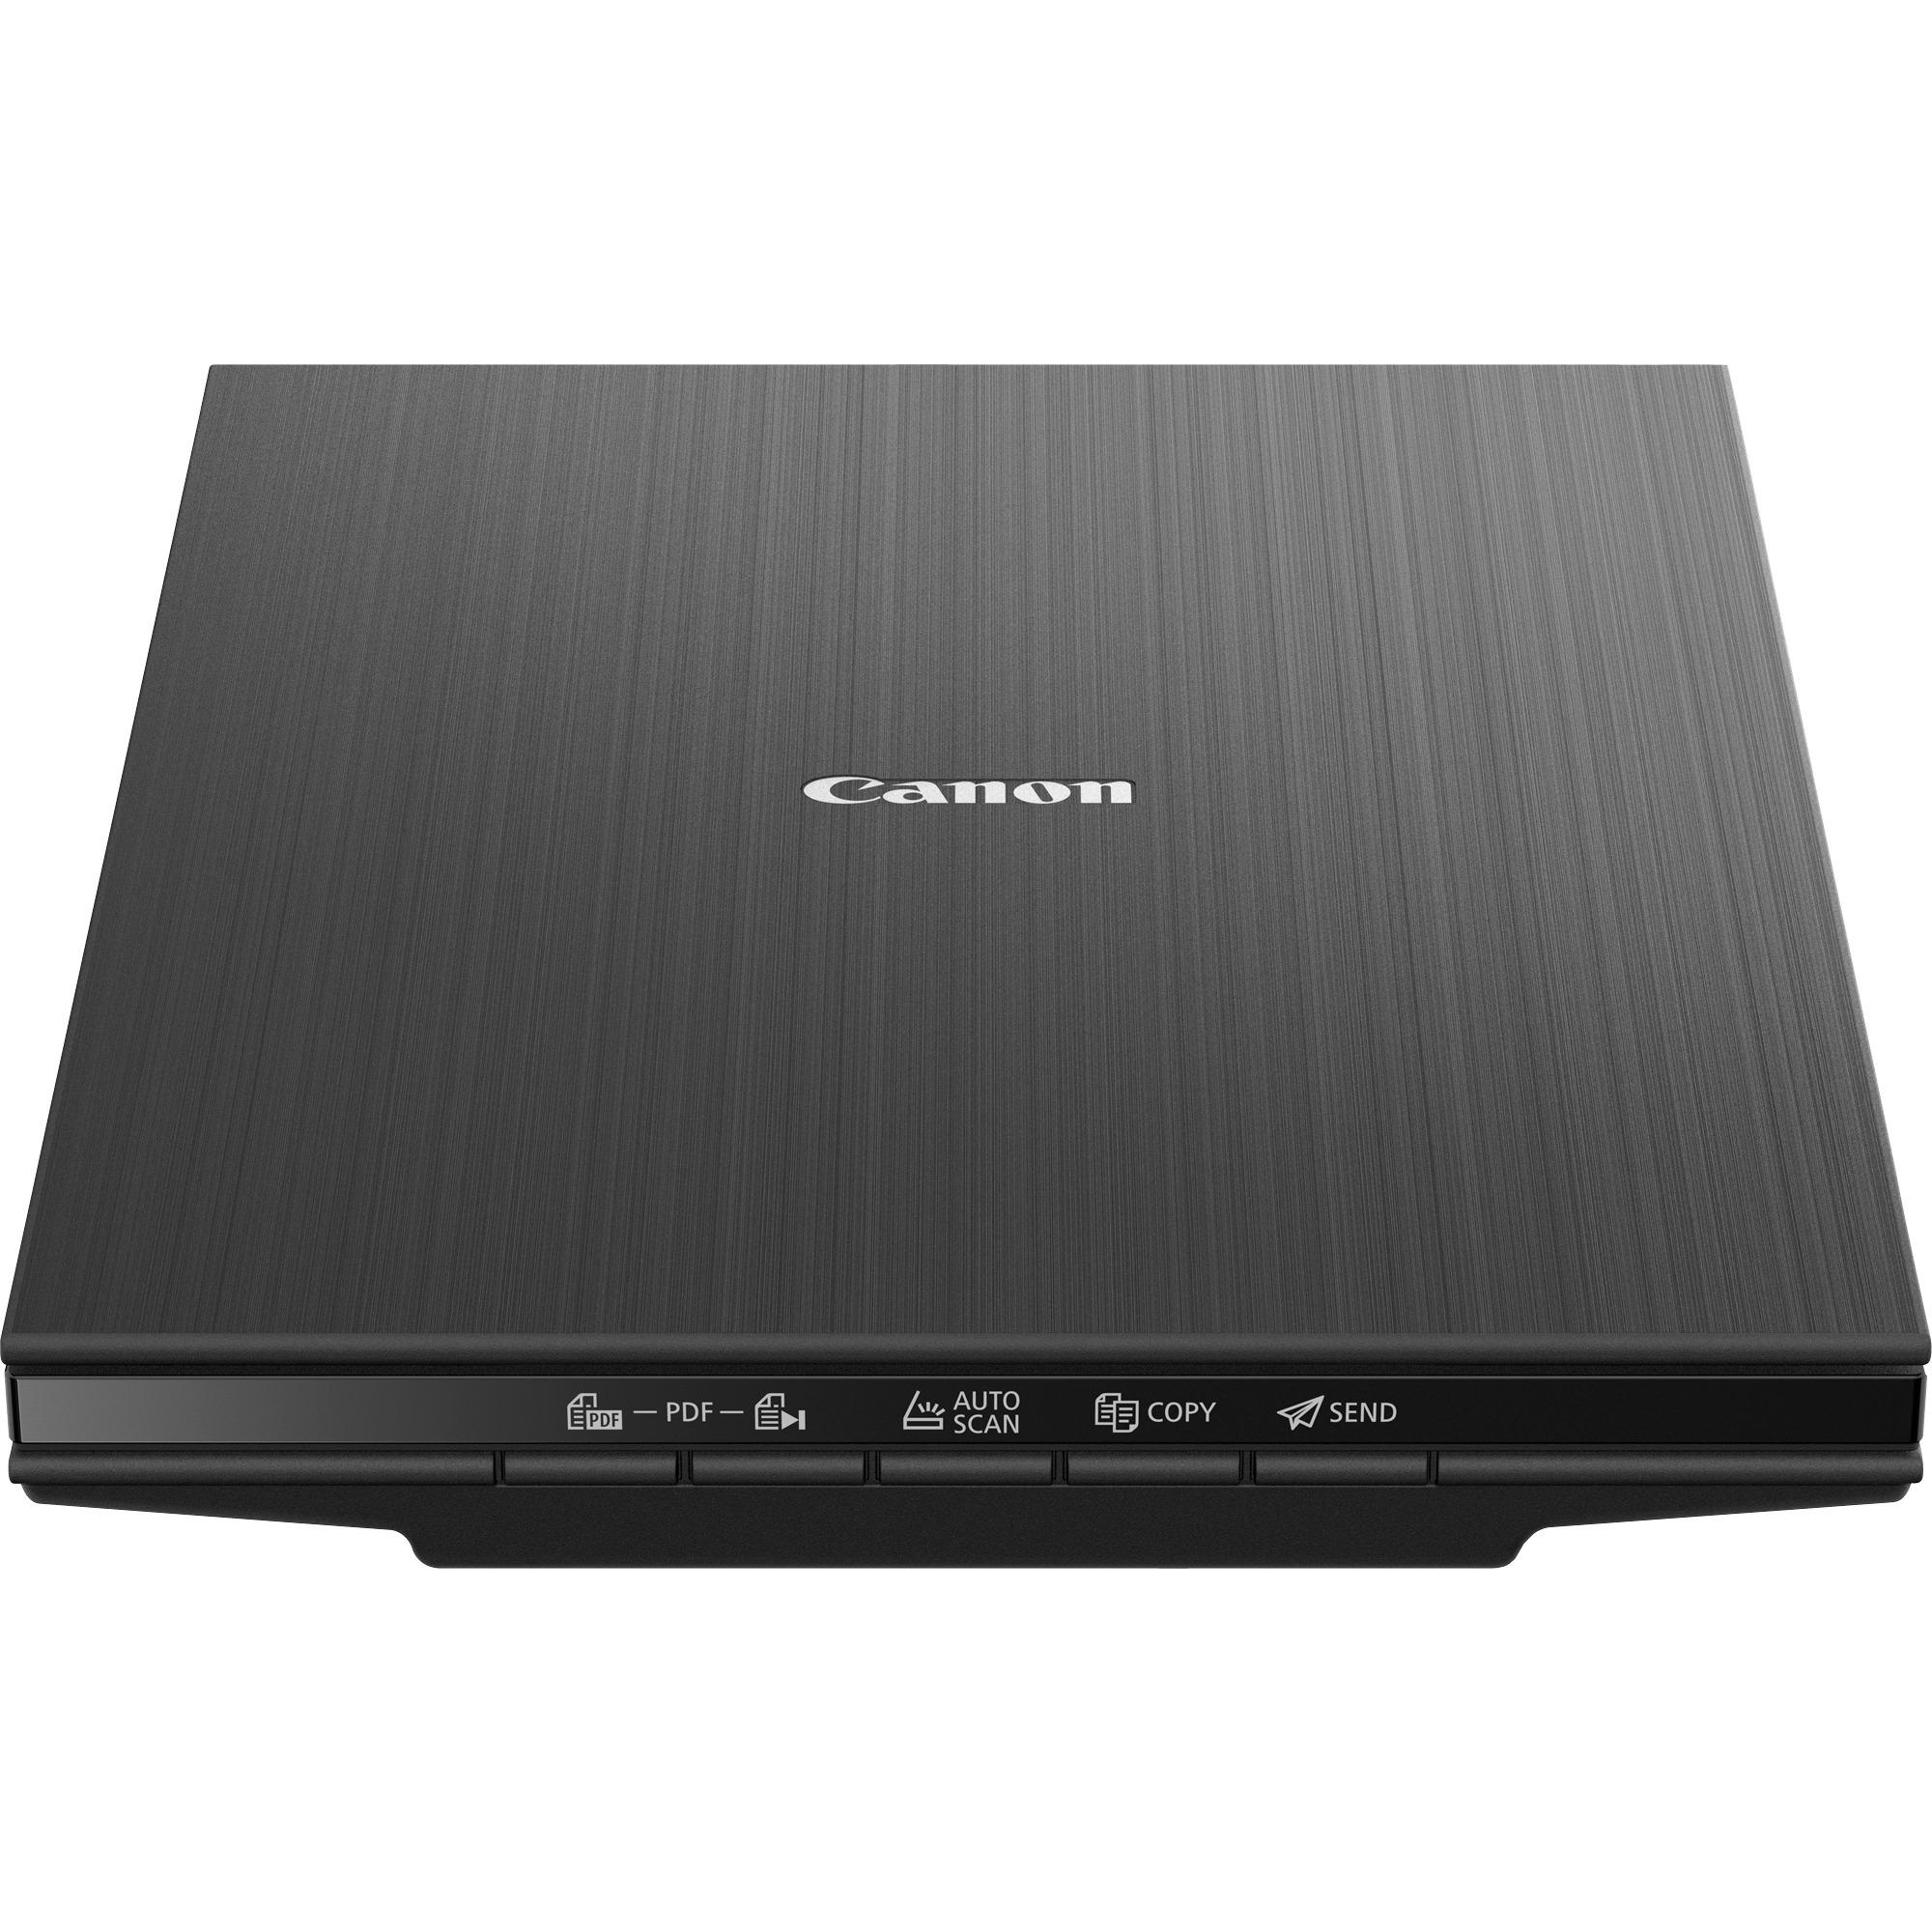 CanoScan LiDE 400 4800 x 4800 DPI Escáner de cama plana Negro A4, Escáner plano